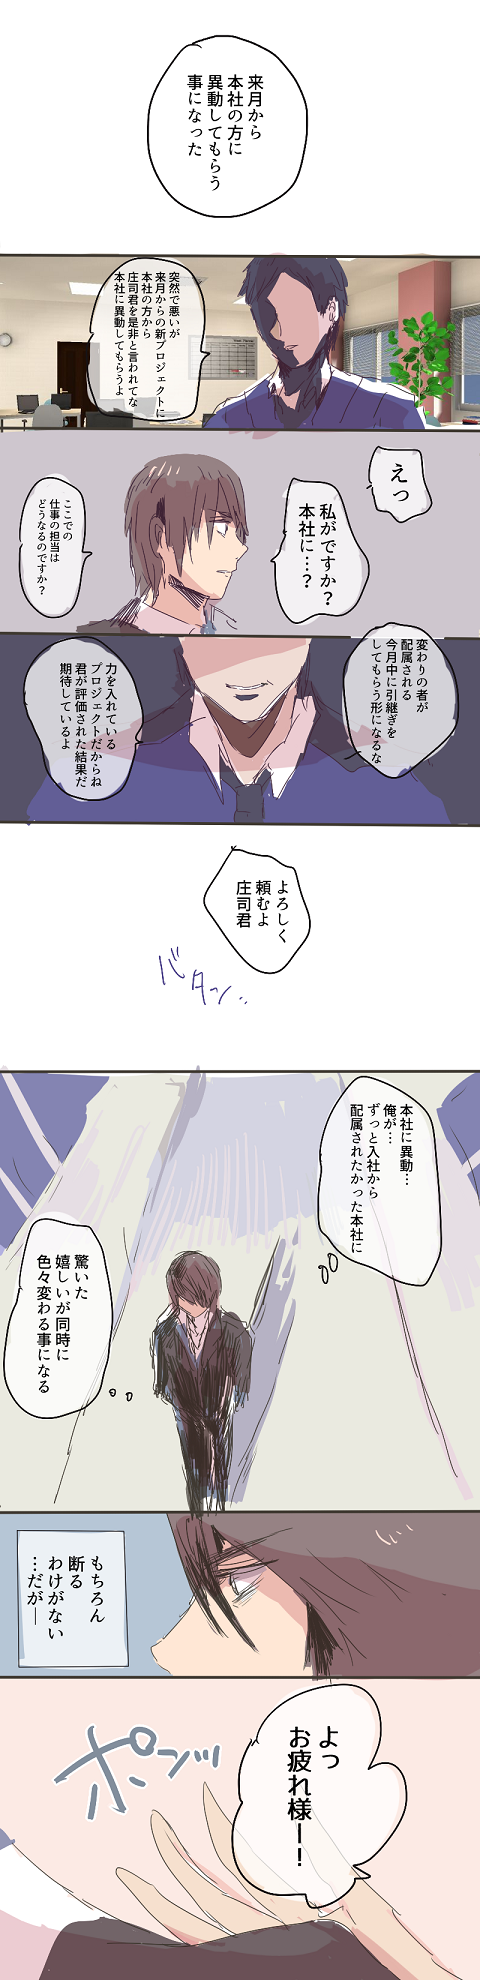 じょぶうか7-222